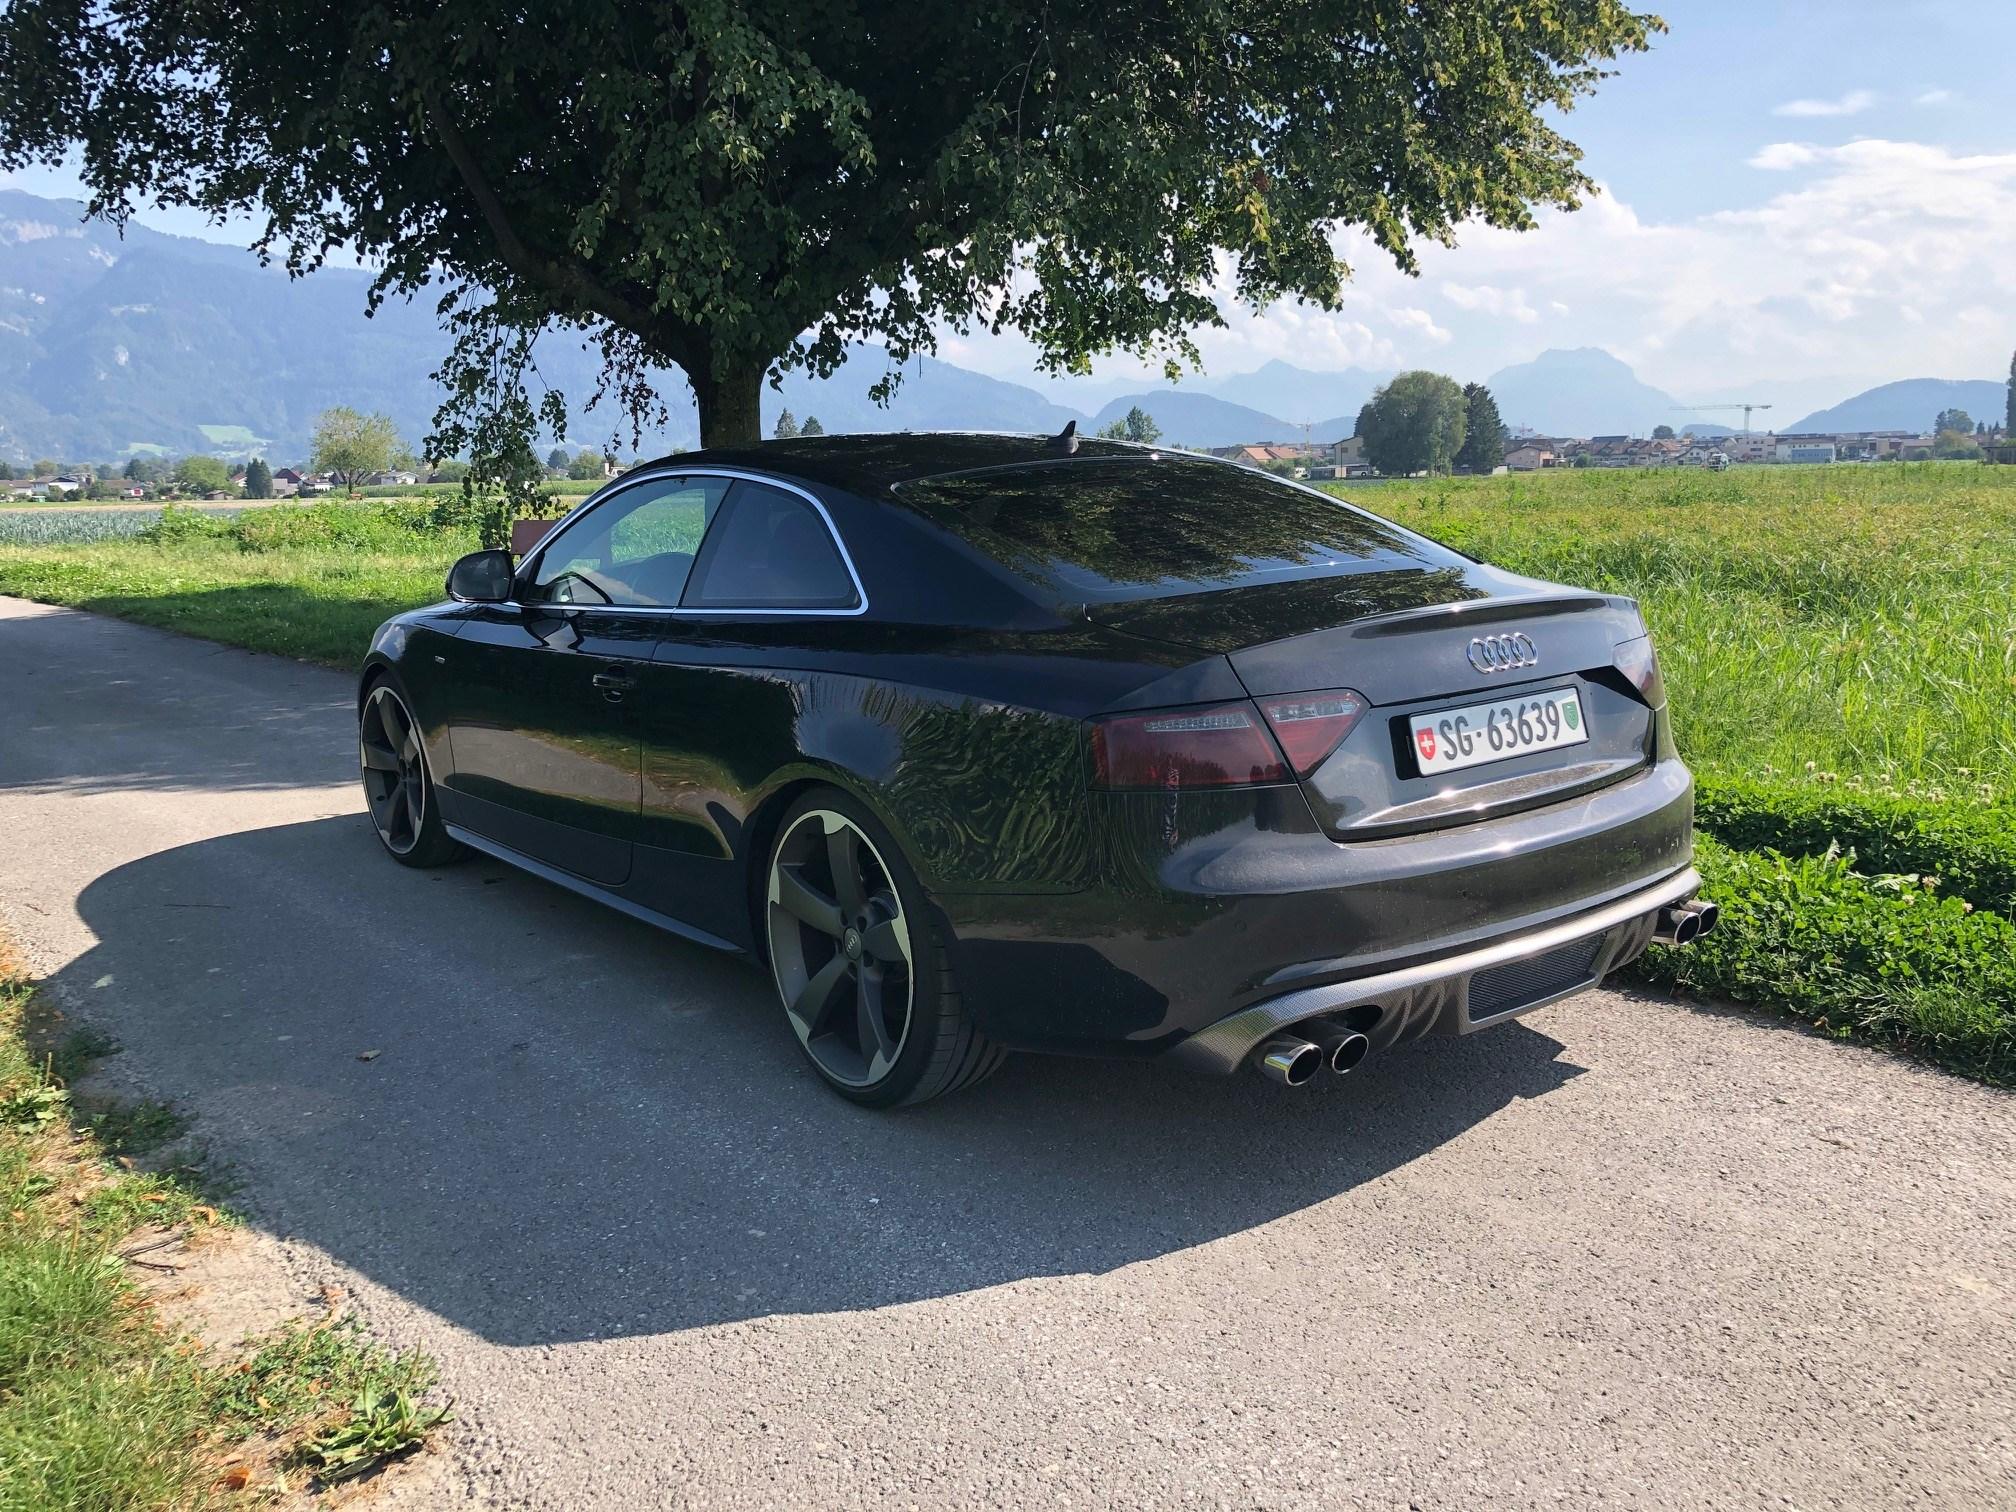 Audi A5 Coupé 2.0 TFSI quattro